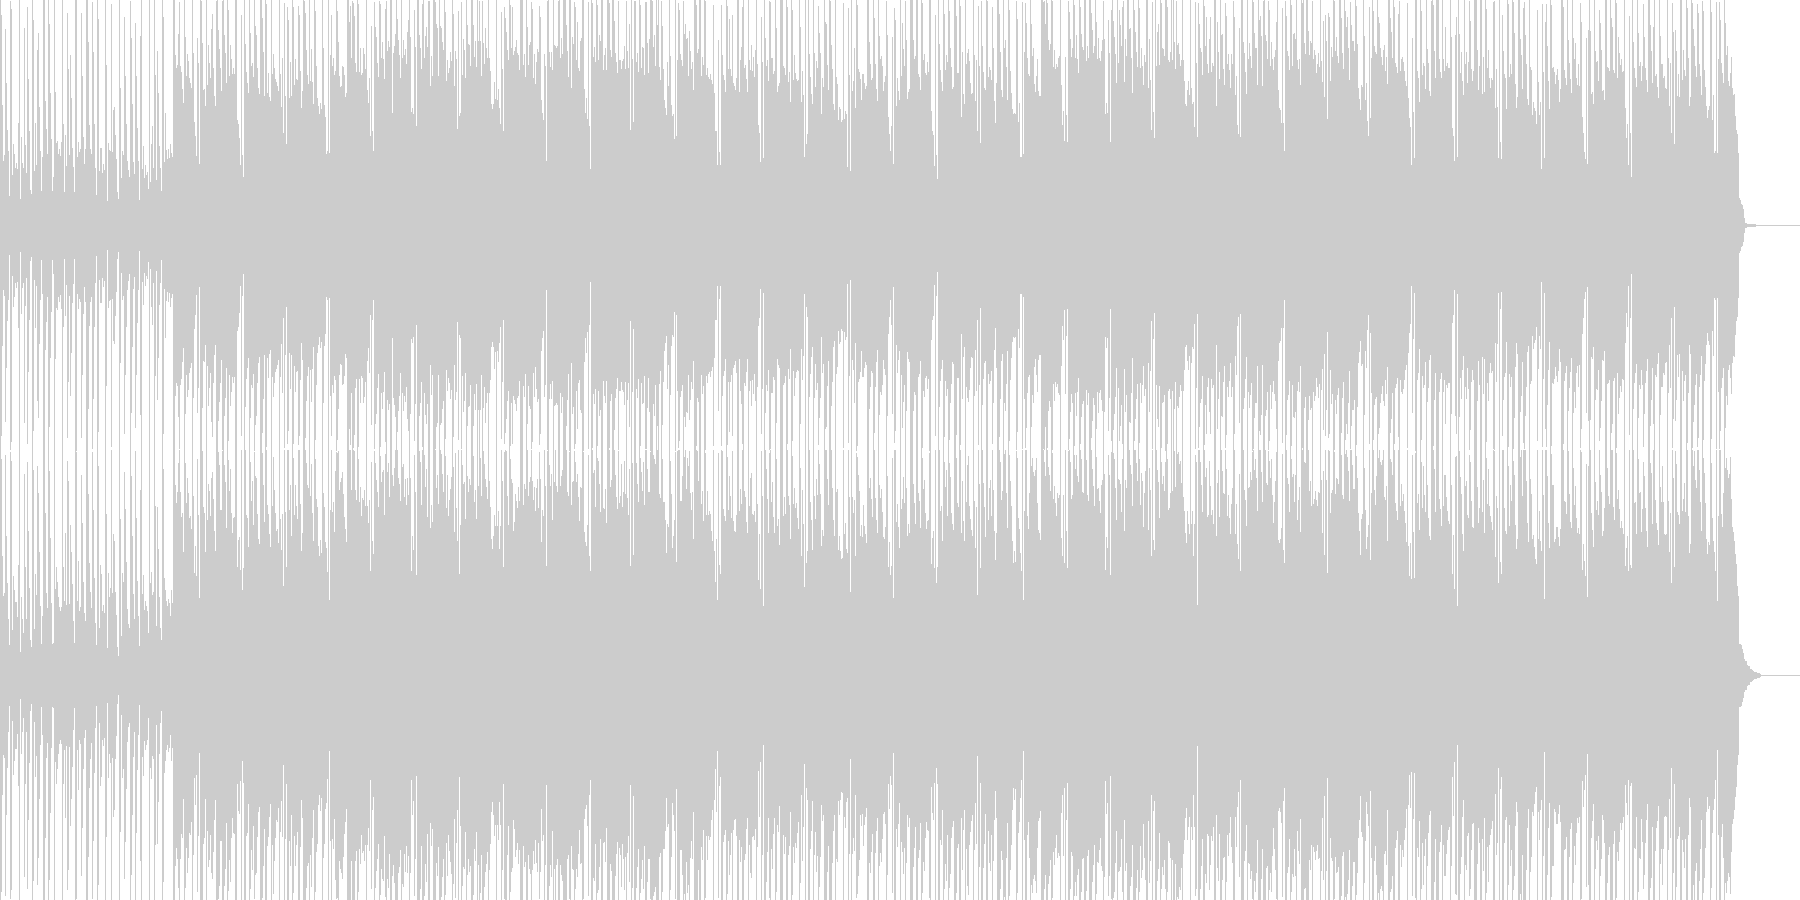 おしゃれな和風ヒップホップ、CMや映像にの未再生の波形